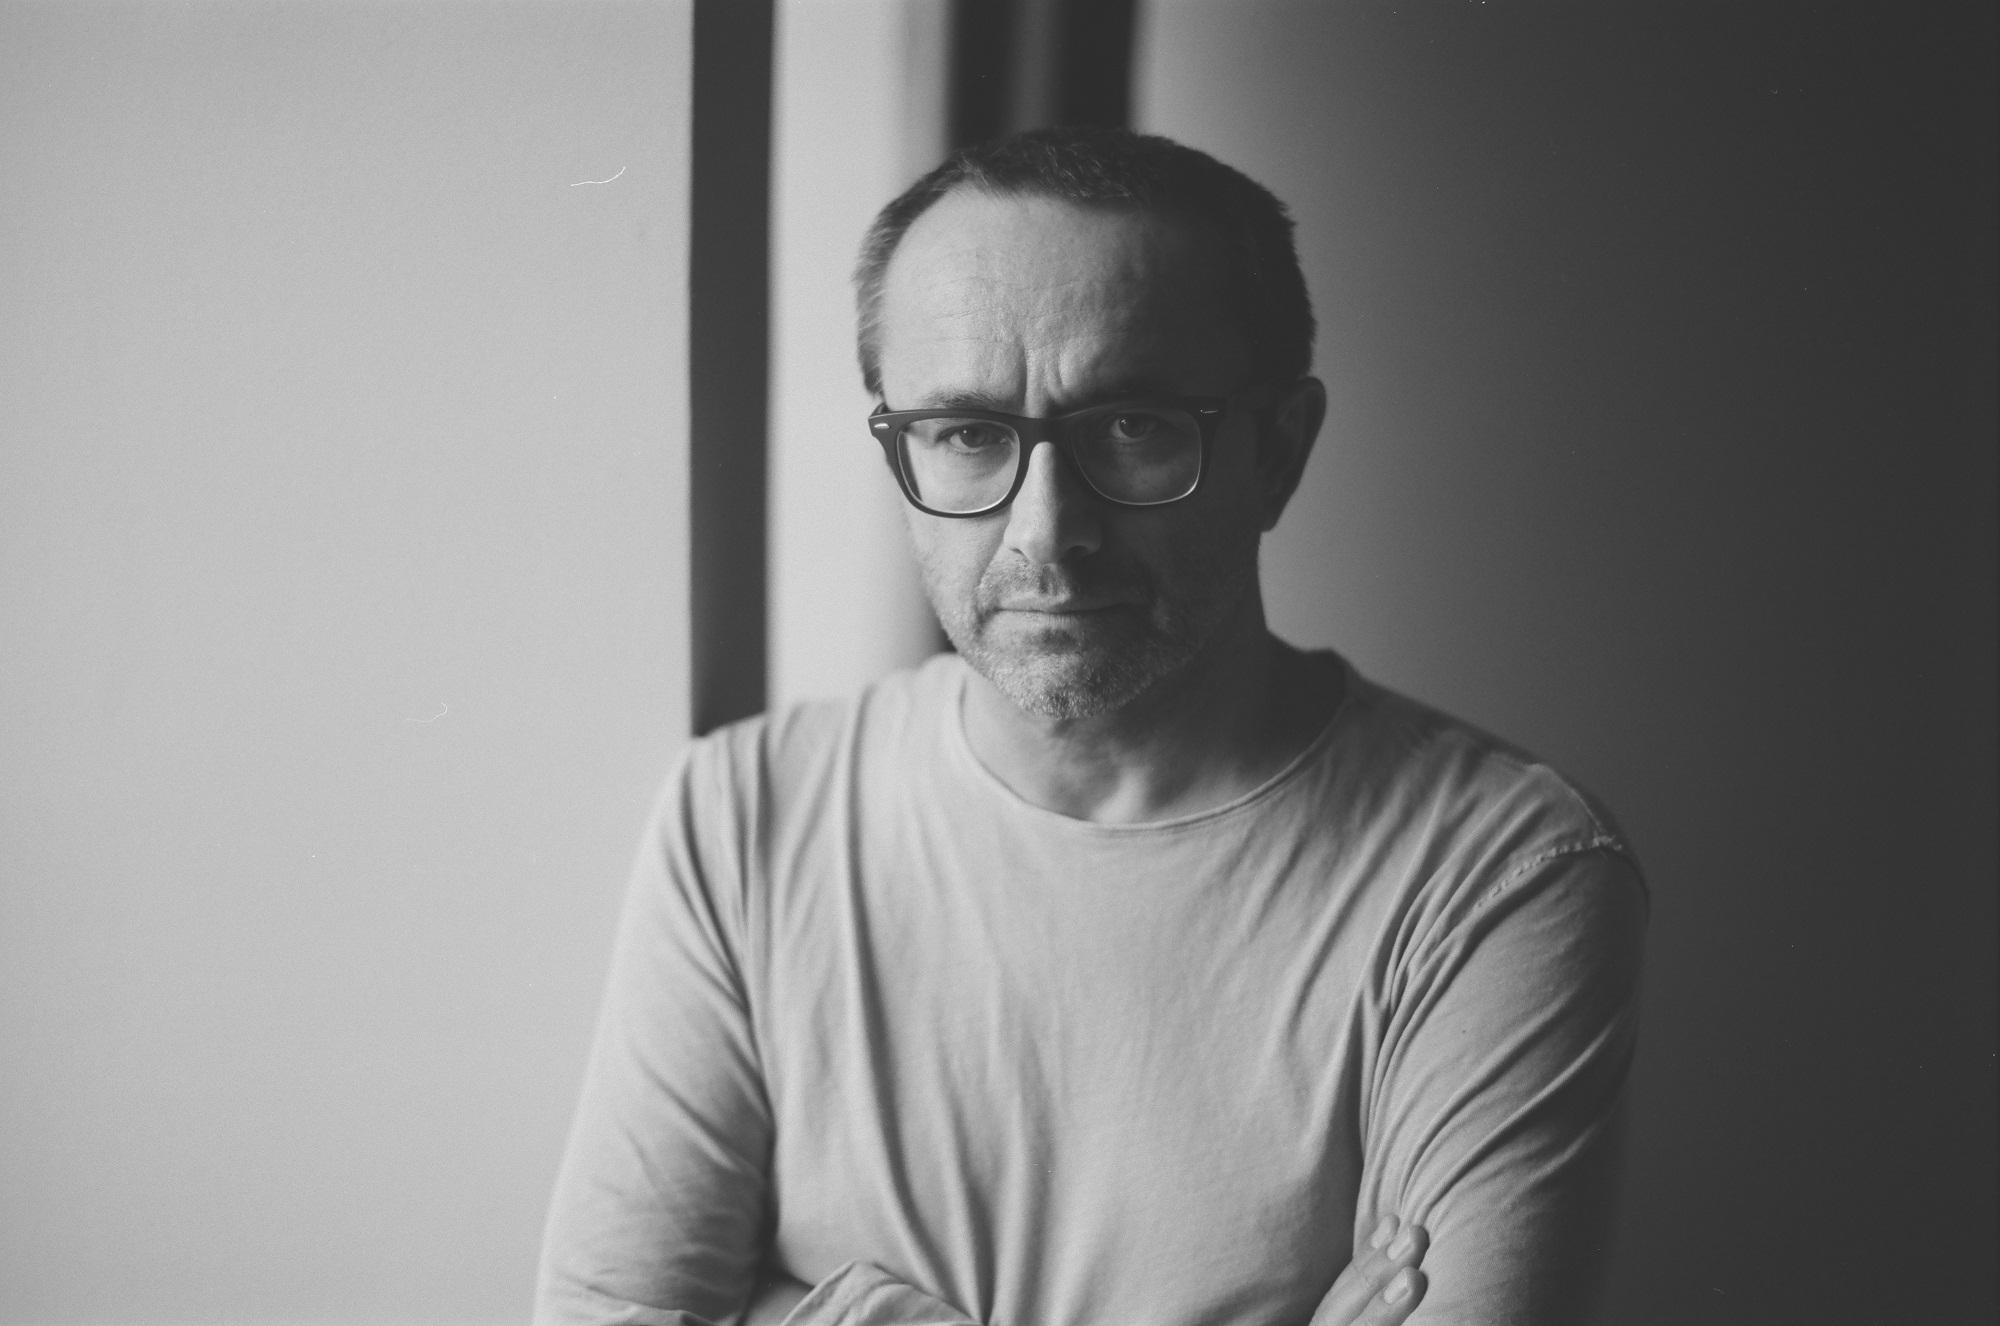 Andriej Zwiagincew (fot. Anna Matveeva)